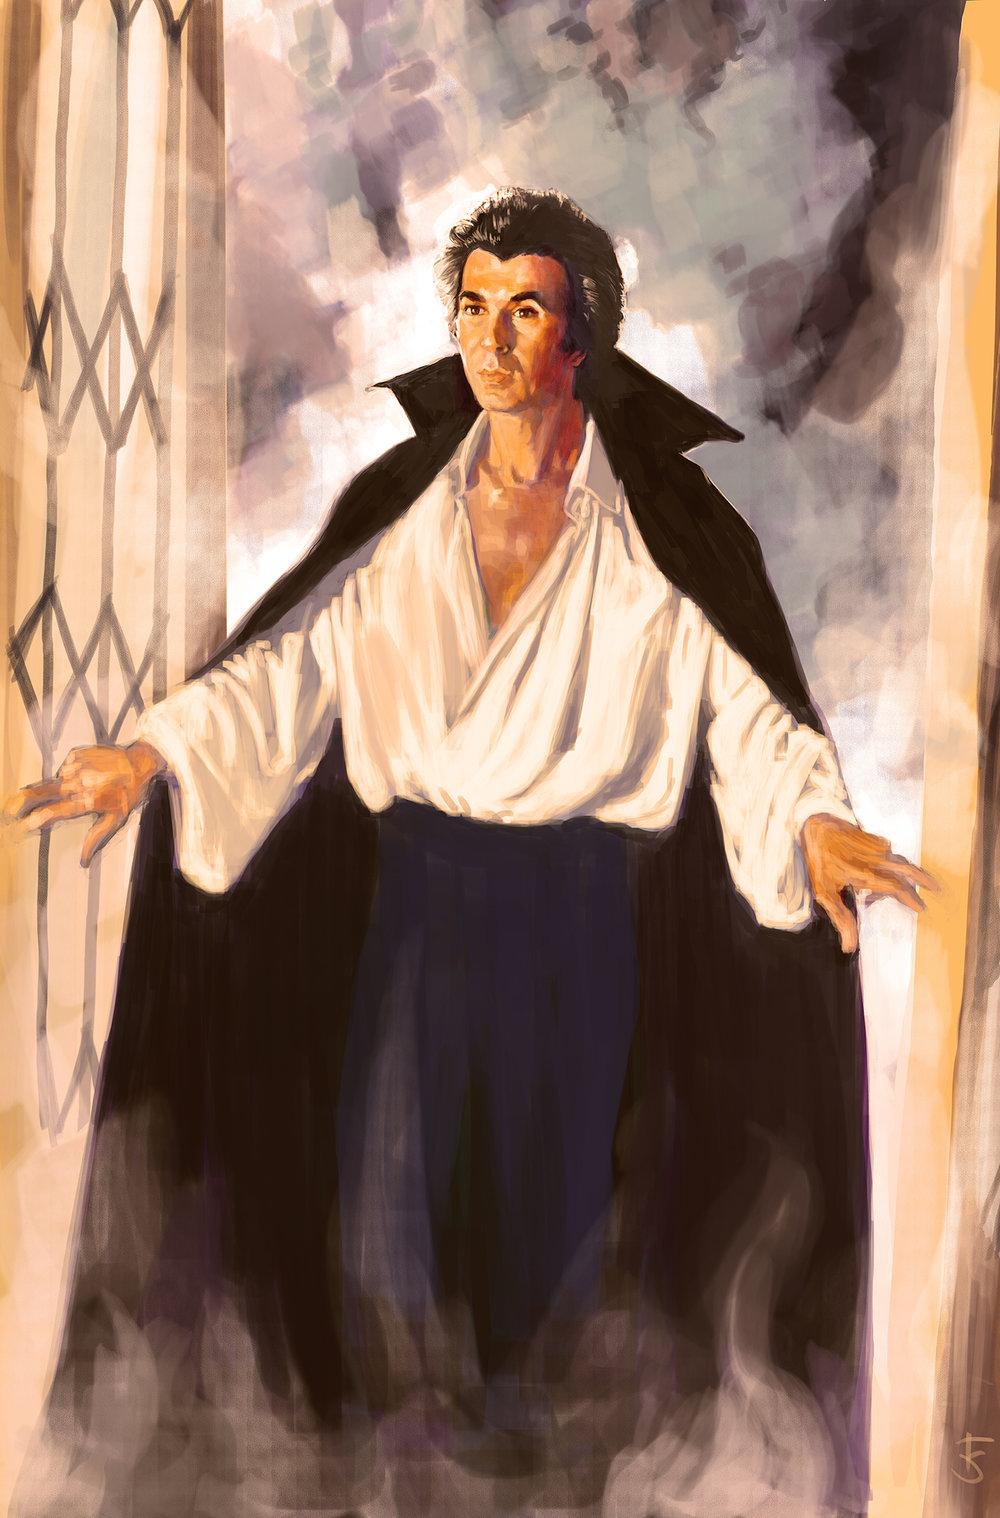 Frank-Langella-Dracula-fsmith2.jpg